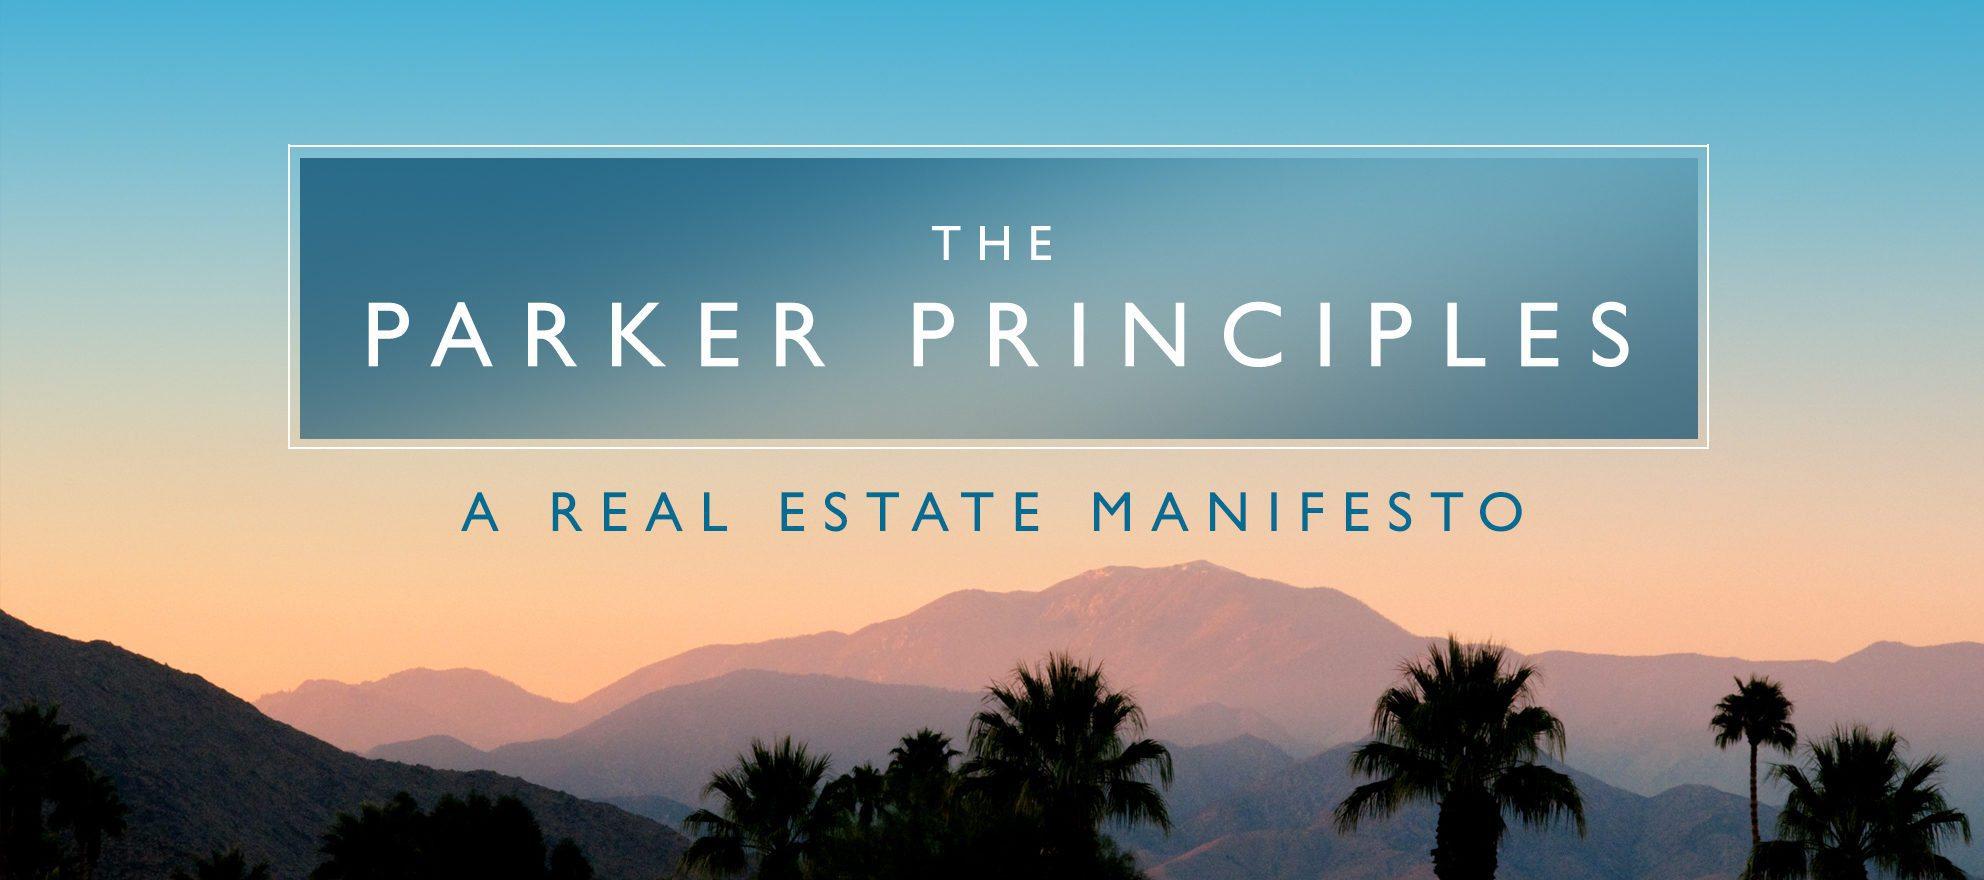 parker principles